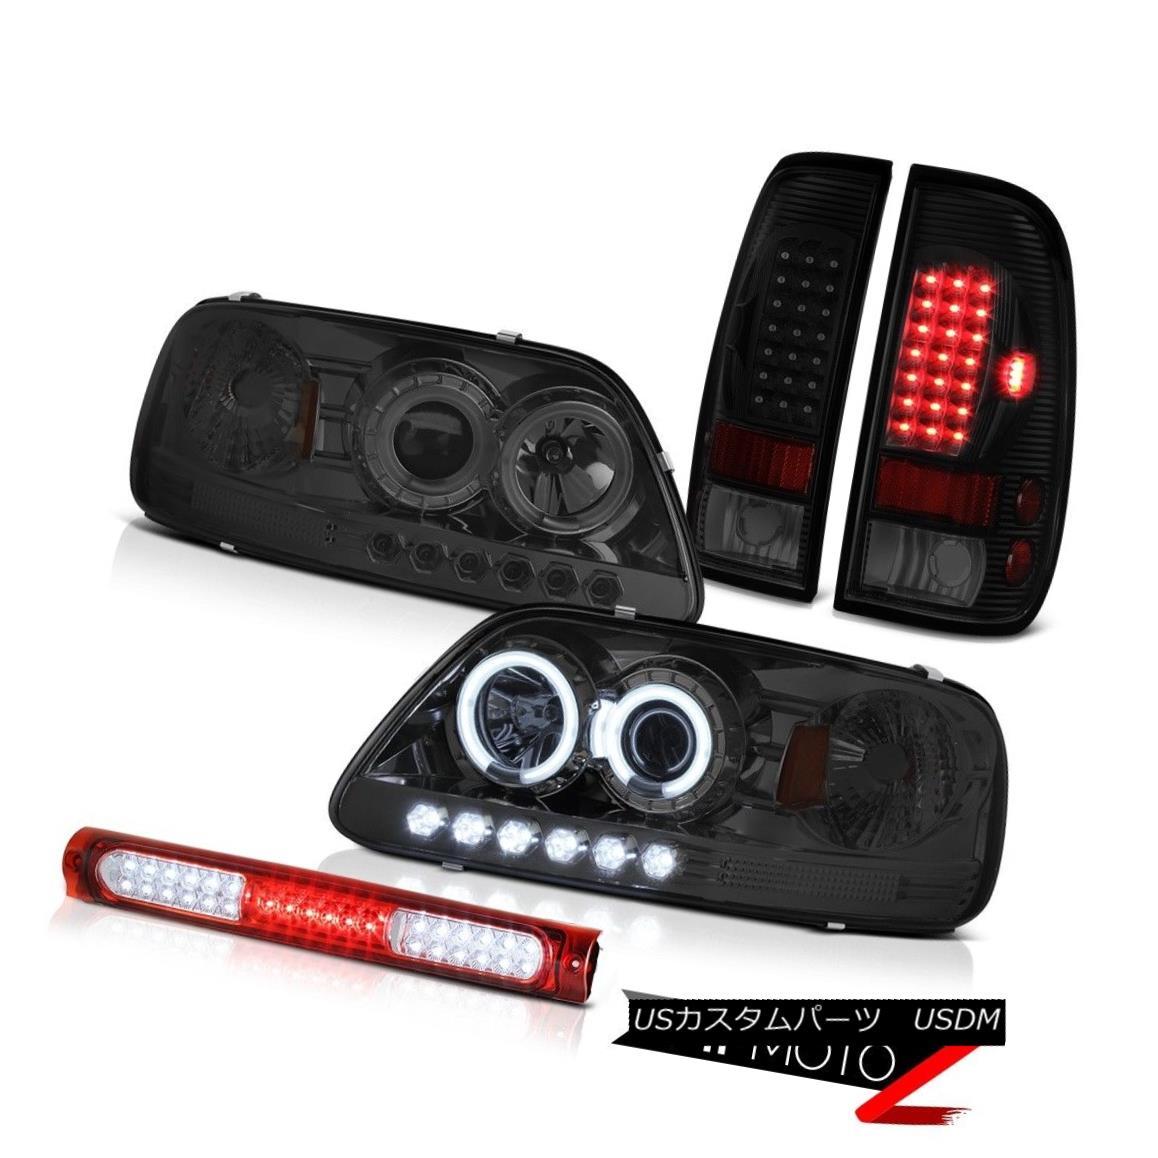 テールライト 97-03 F150 Xlt Wine Red Third Brake Light Rear Lamps Phantom Smoke Headlamps 97-03 F150 Xltワインレッド第3ブレーキライトリアランプファントムスモークヘッドランプ